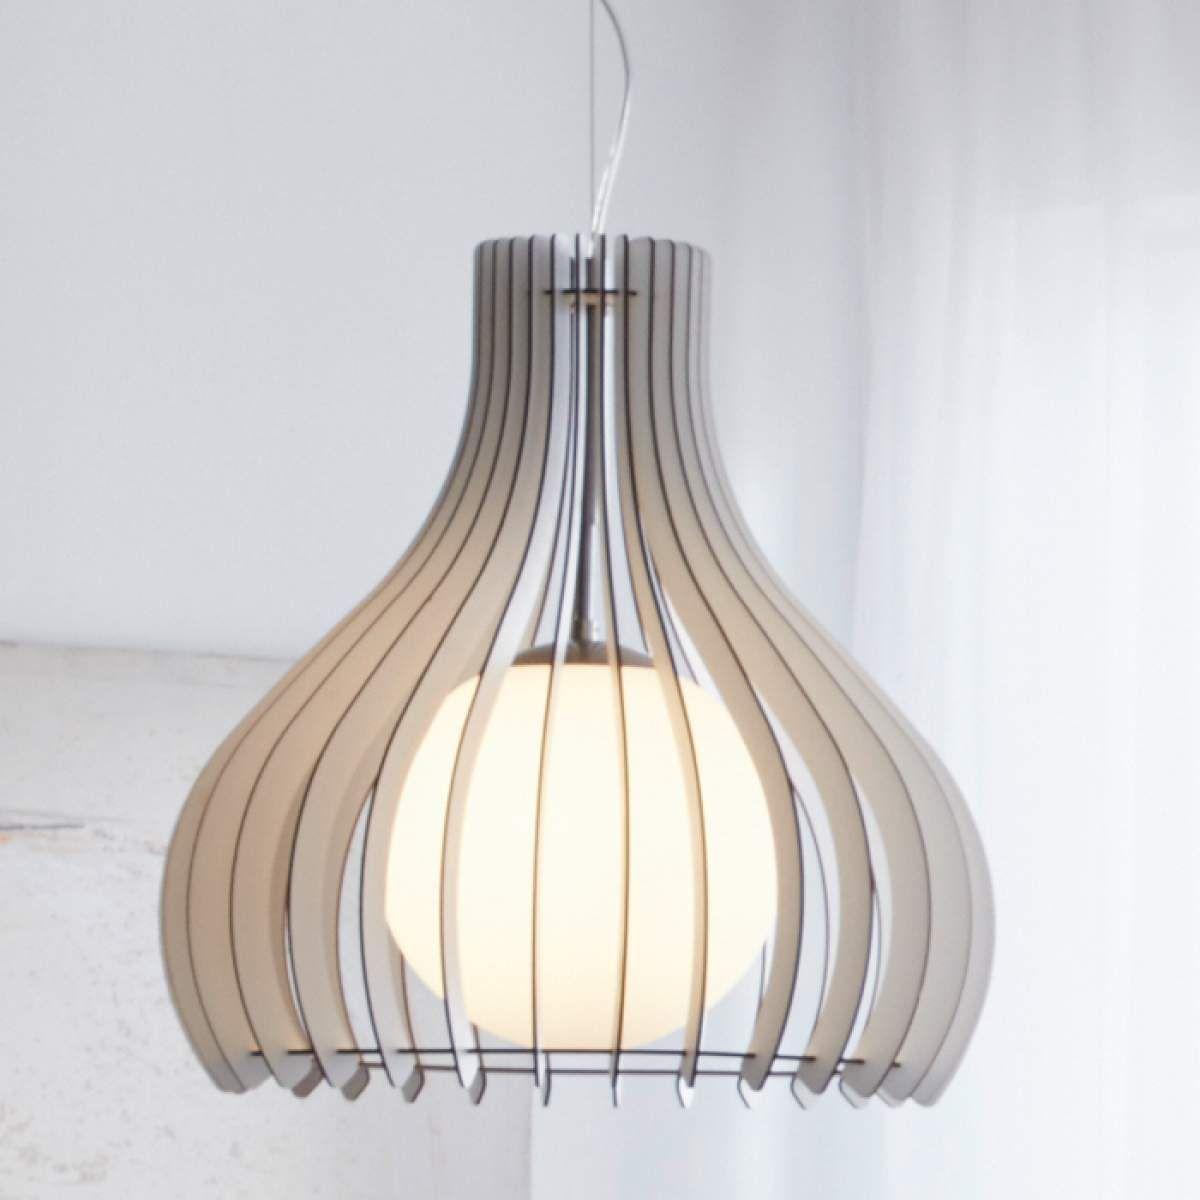 led deckenbeleuchtung wohnzimmer kchen deckenlampe led deckenleuchte dimmbar farbwechsel deckenleuchte stoff rund